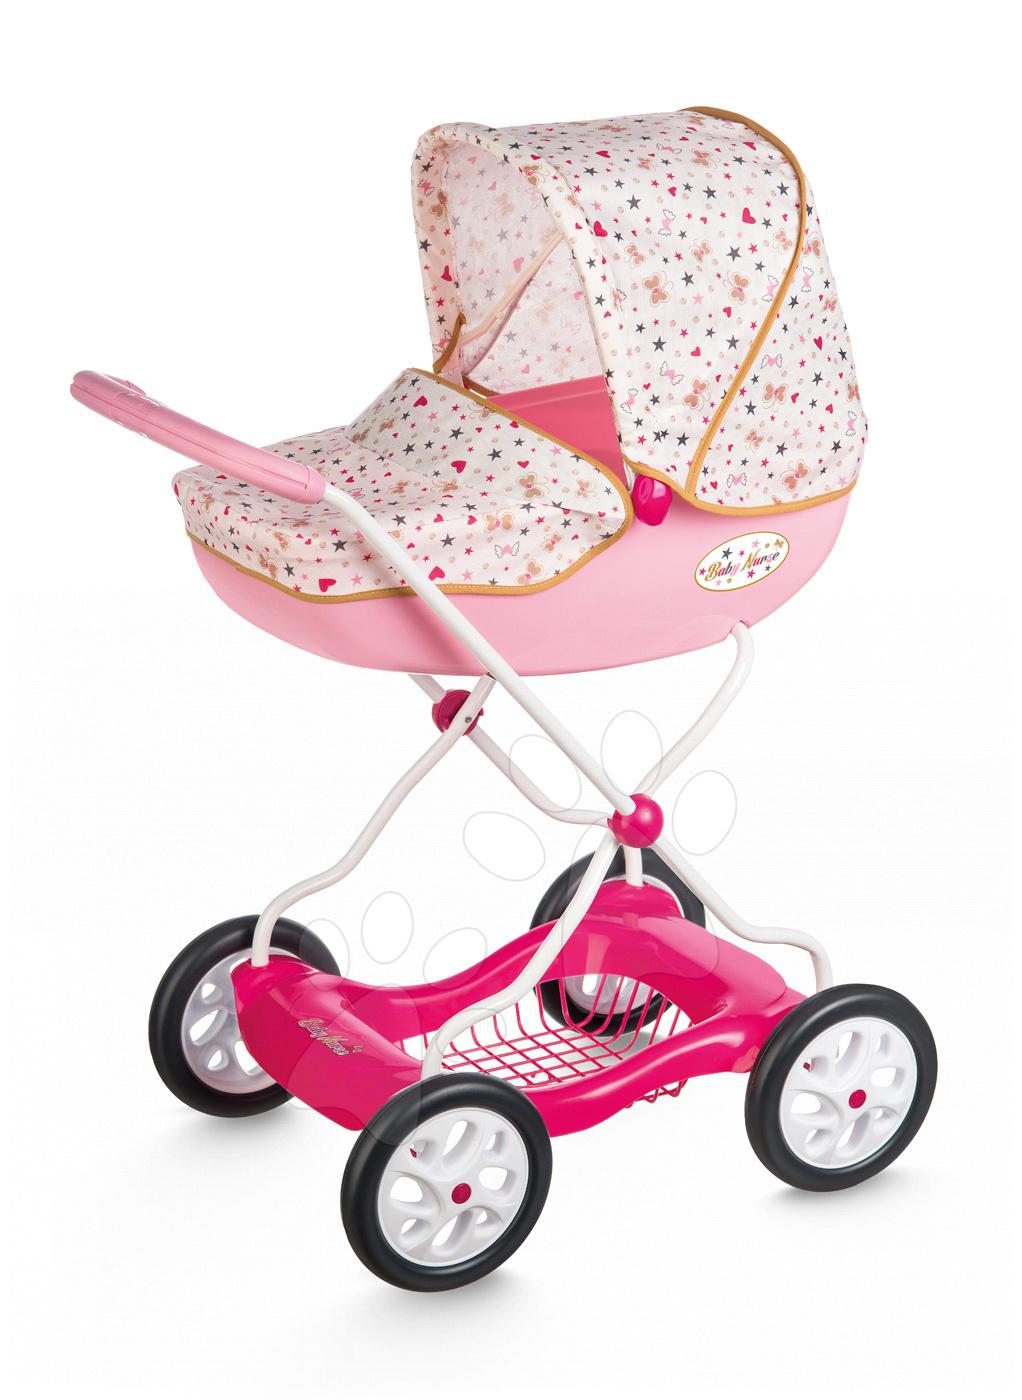 Smoby veľký hlboký kočiar pre bábiku Baby Nurse 250423 ružový